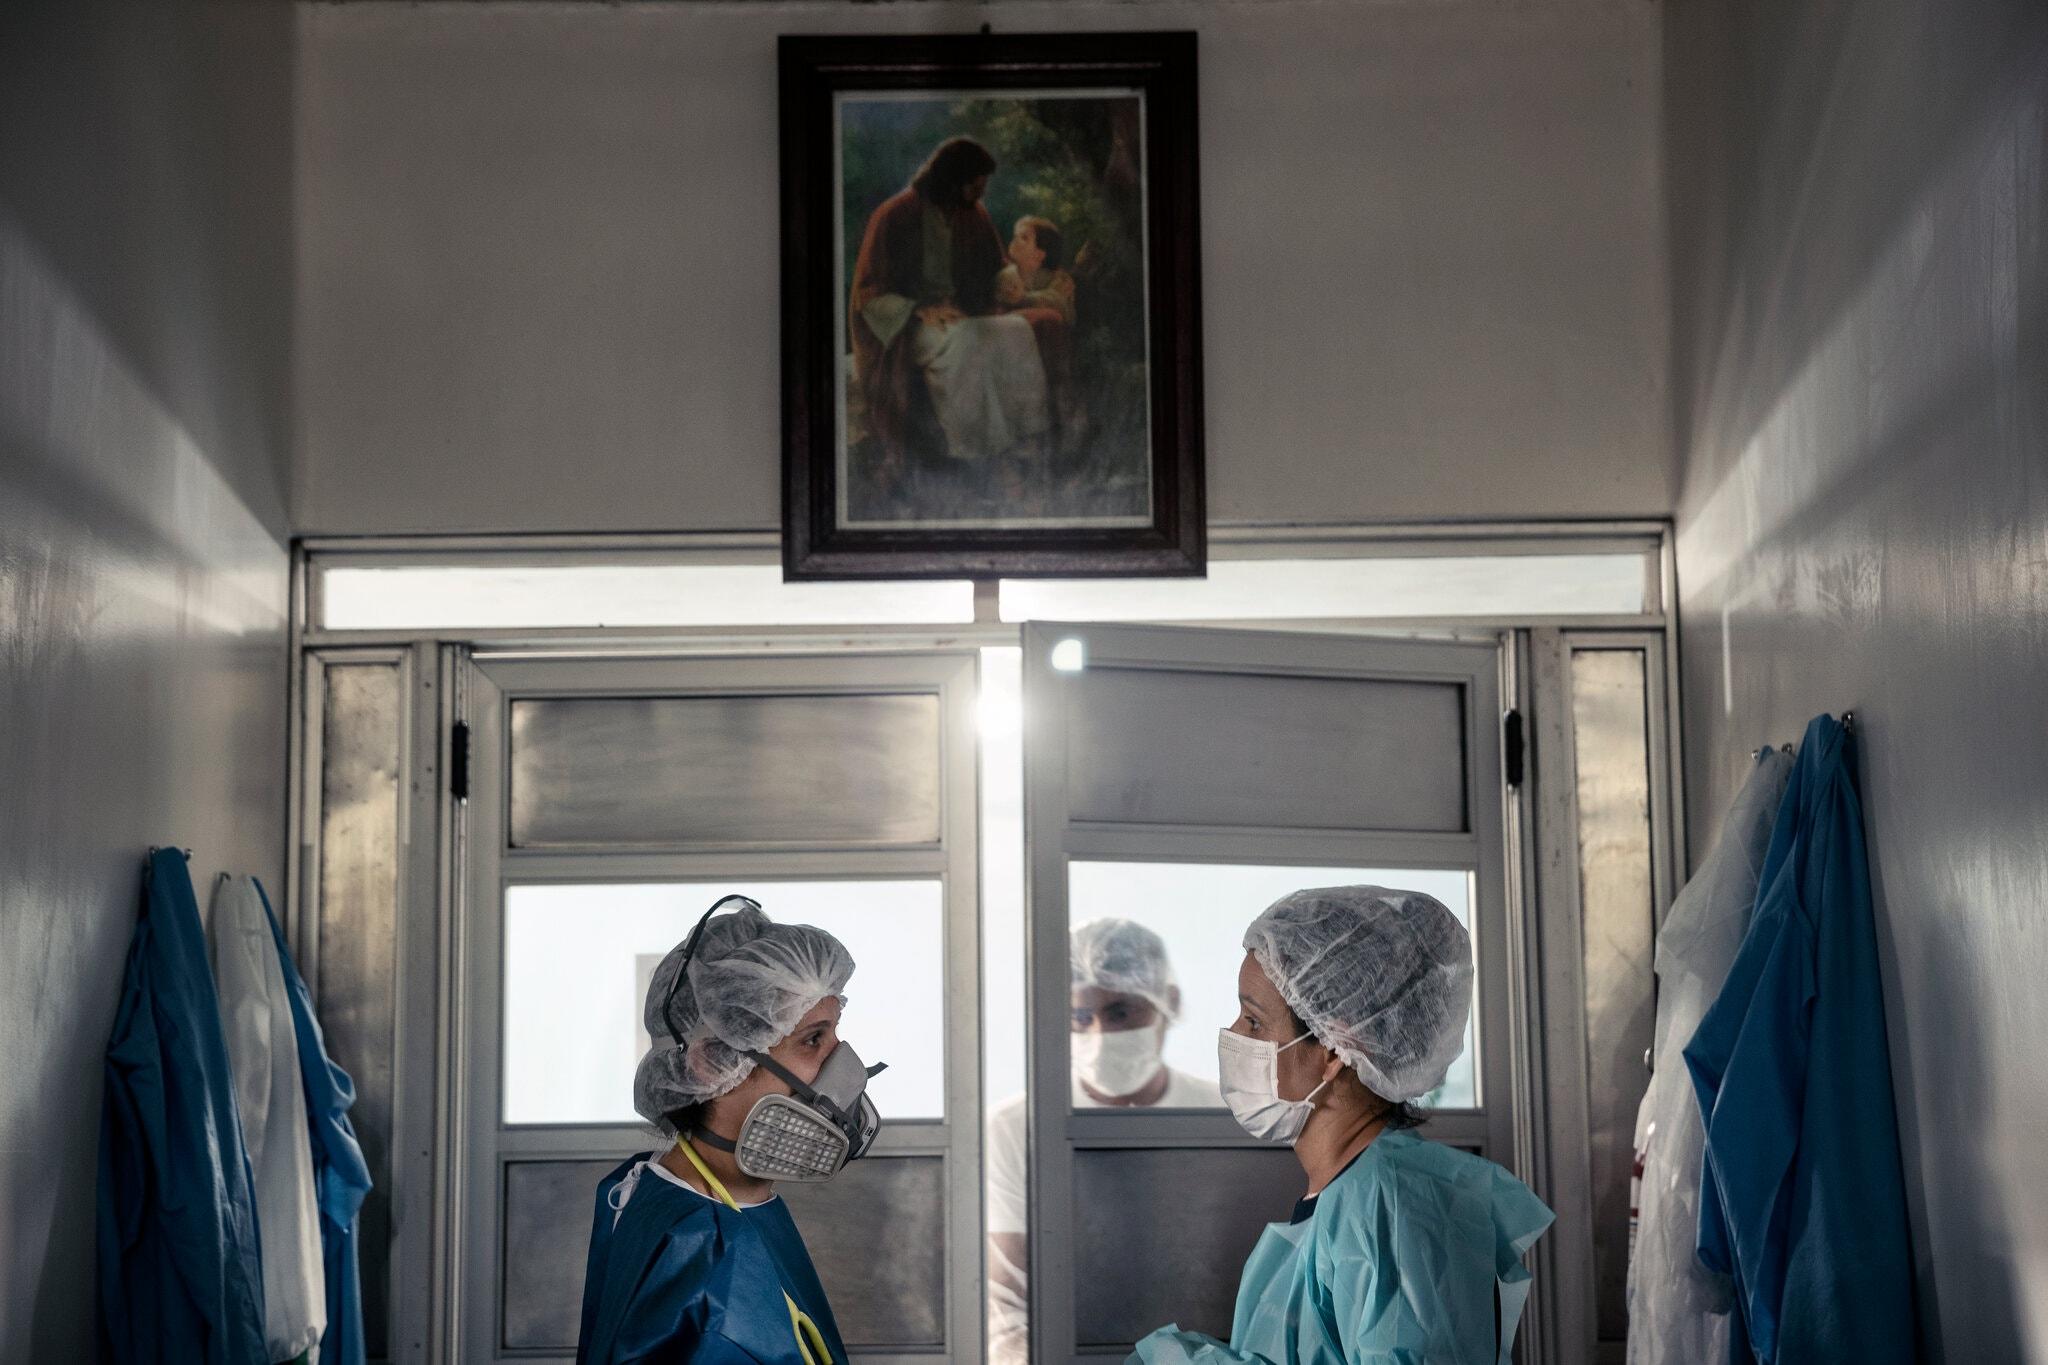 Trabajadoras de la salud conversan en el pasillo de un hospital en Tafé, un municipio remoto en la Amazonía de Brasil, que atiende a pacientes con la COVID-19